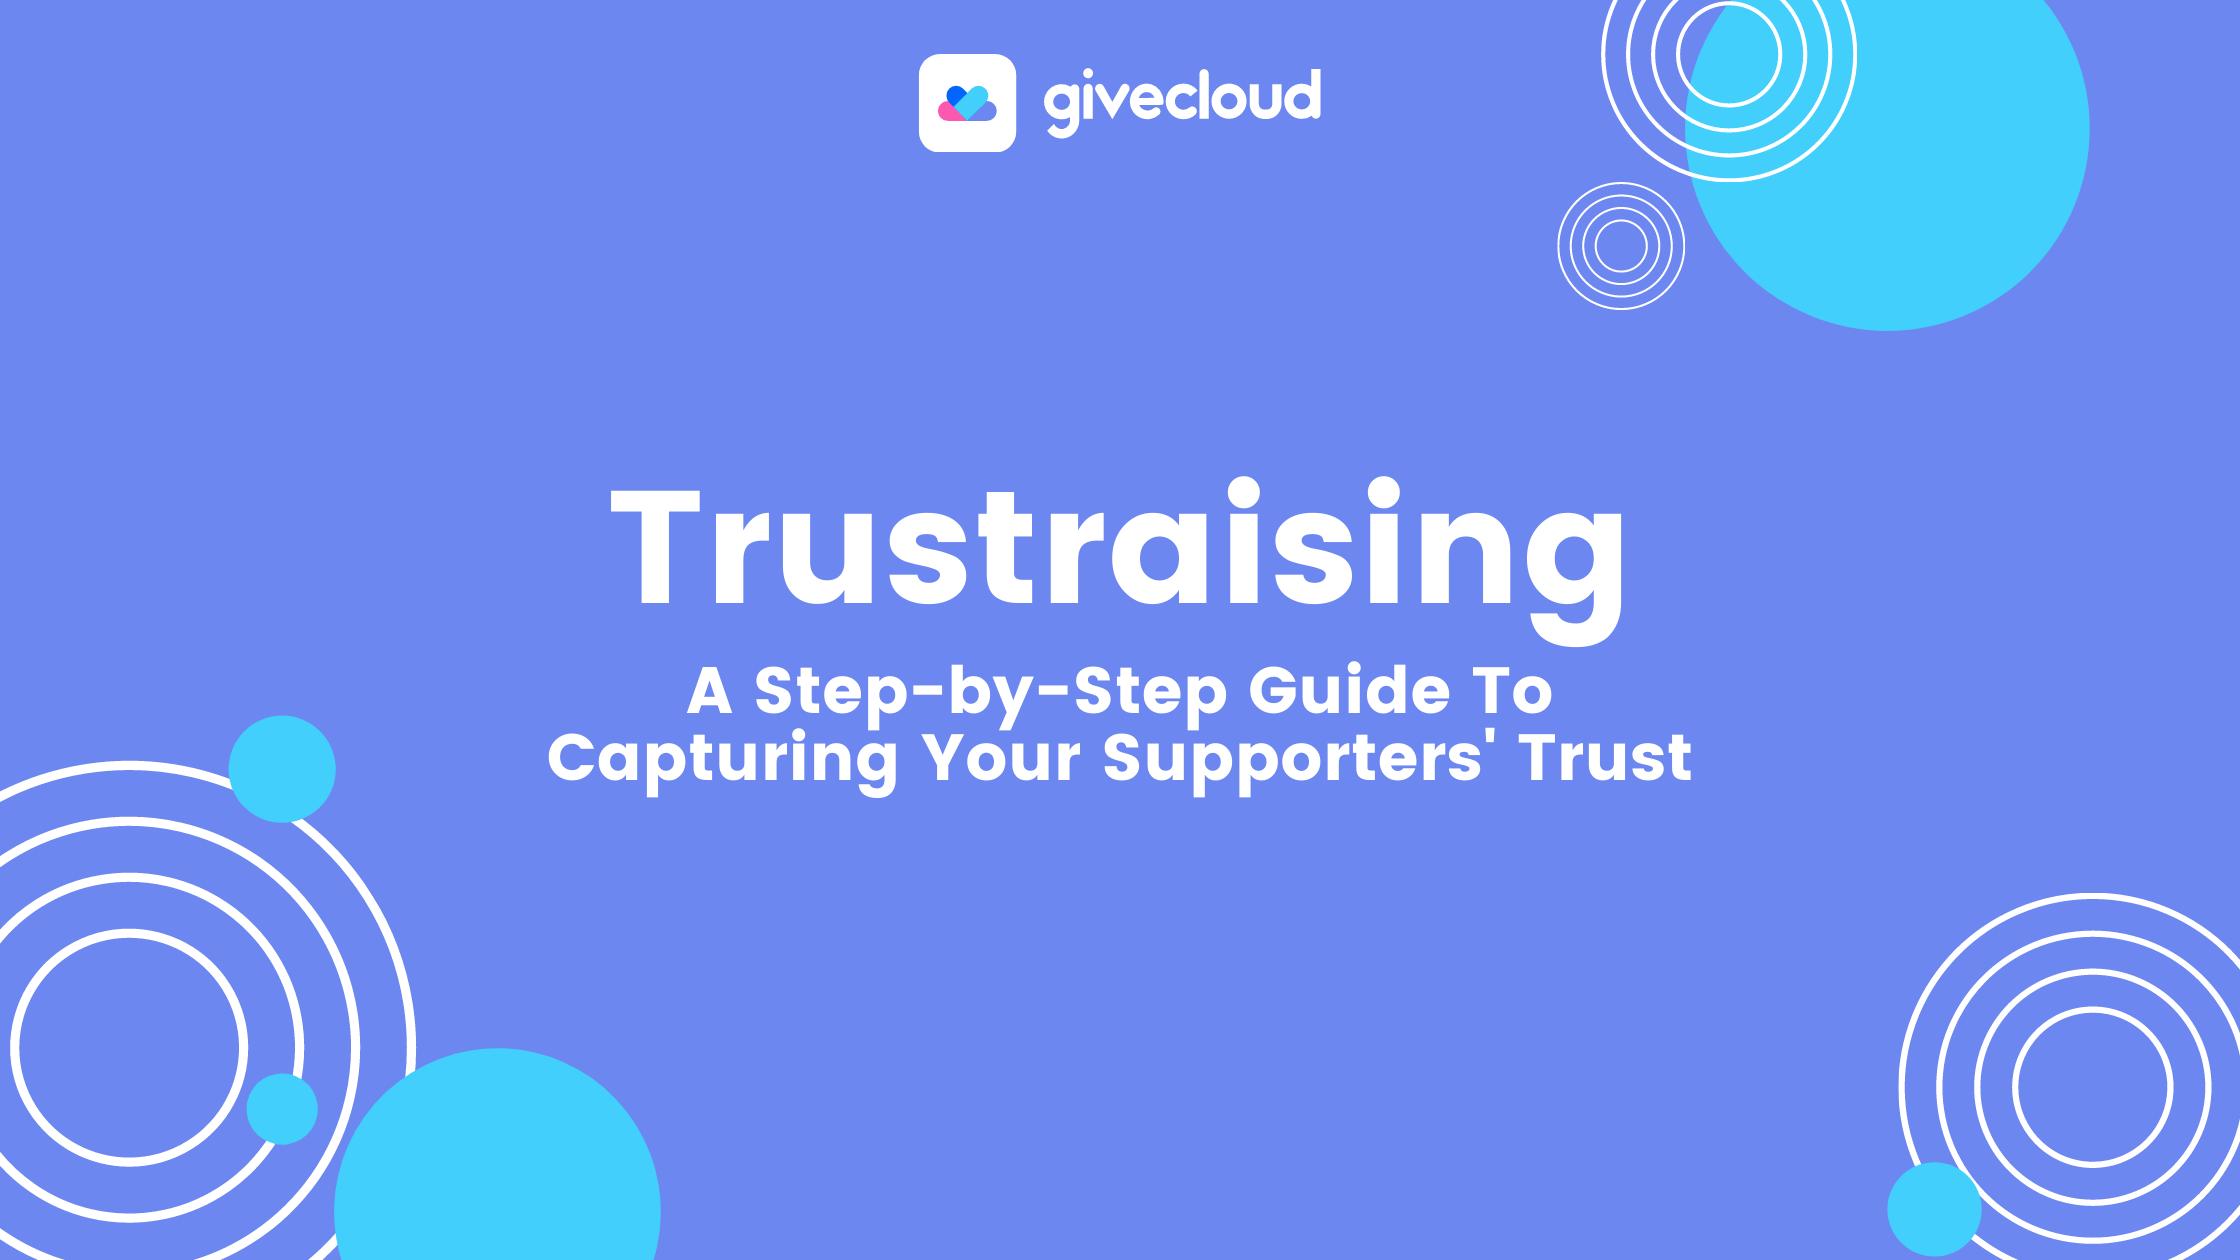 Trustraising 101